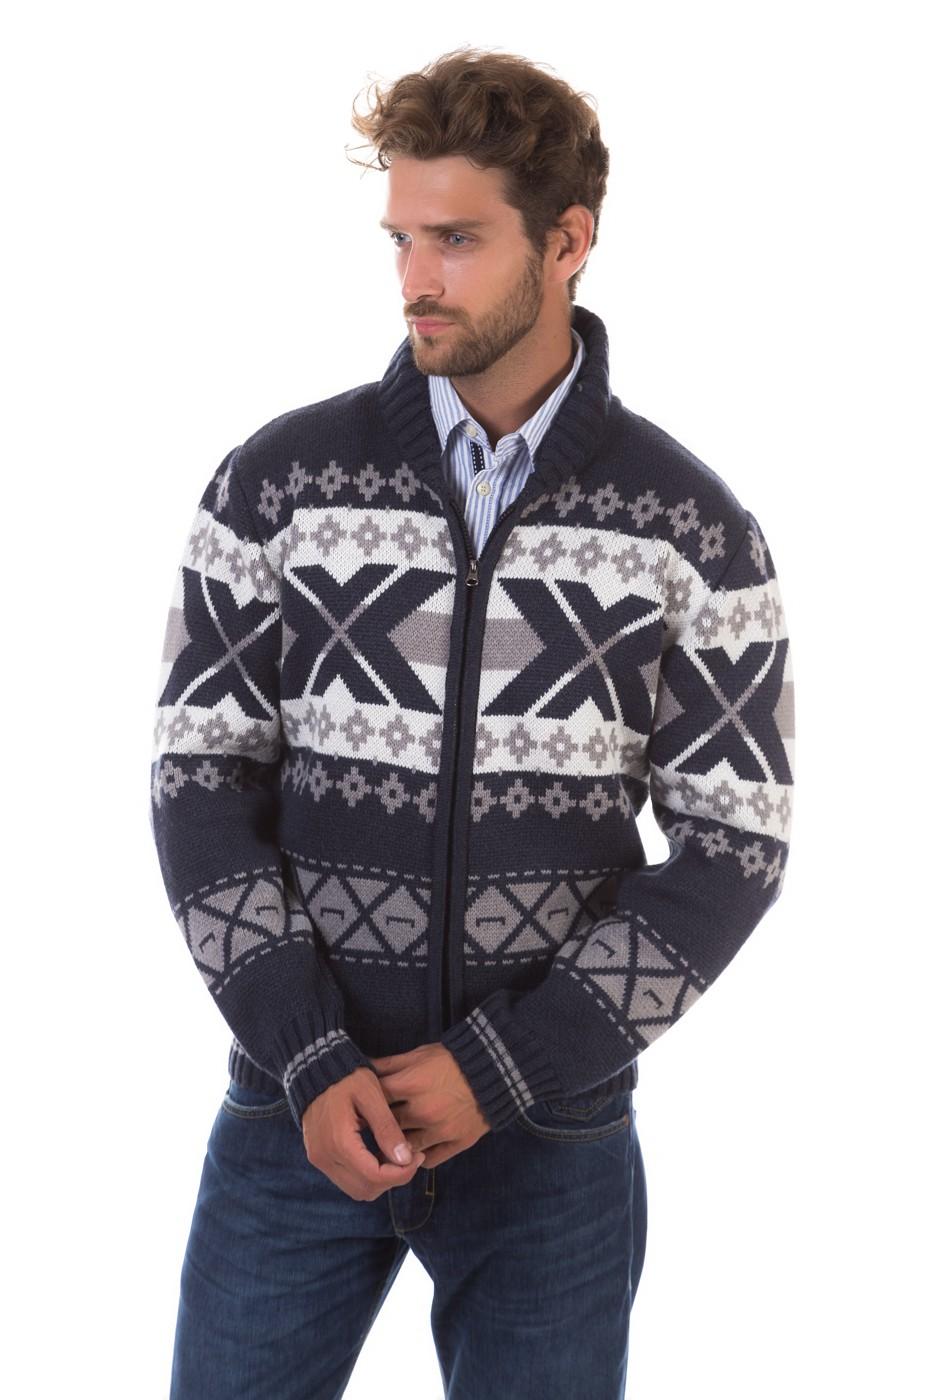 Сбор заказов. Зимние стильные луки на каждый день. Утепляем мужчин - Свитера, Джемпера, рубашки с длинным и коротким рукавом, футболки, поло, брюки, джинсы от Westrenger.